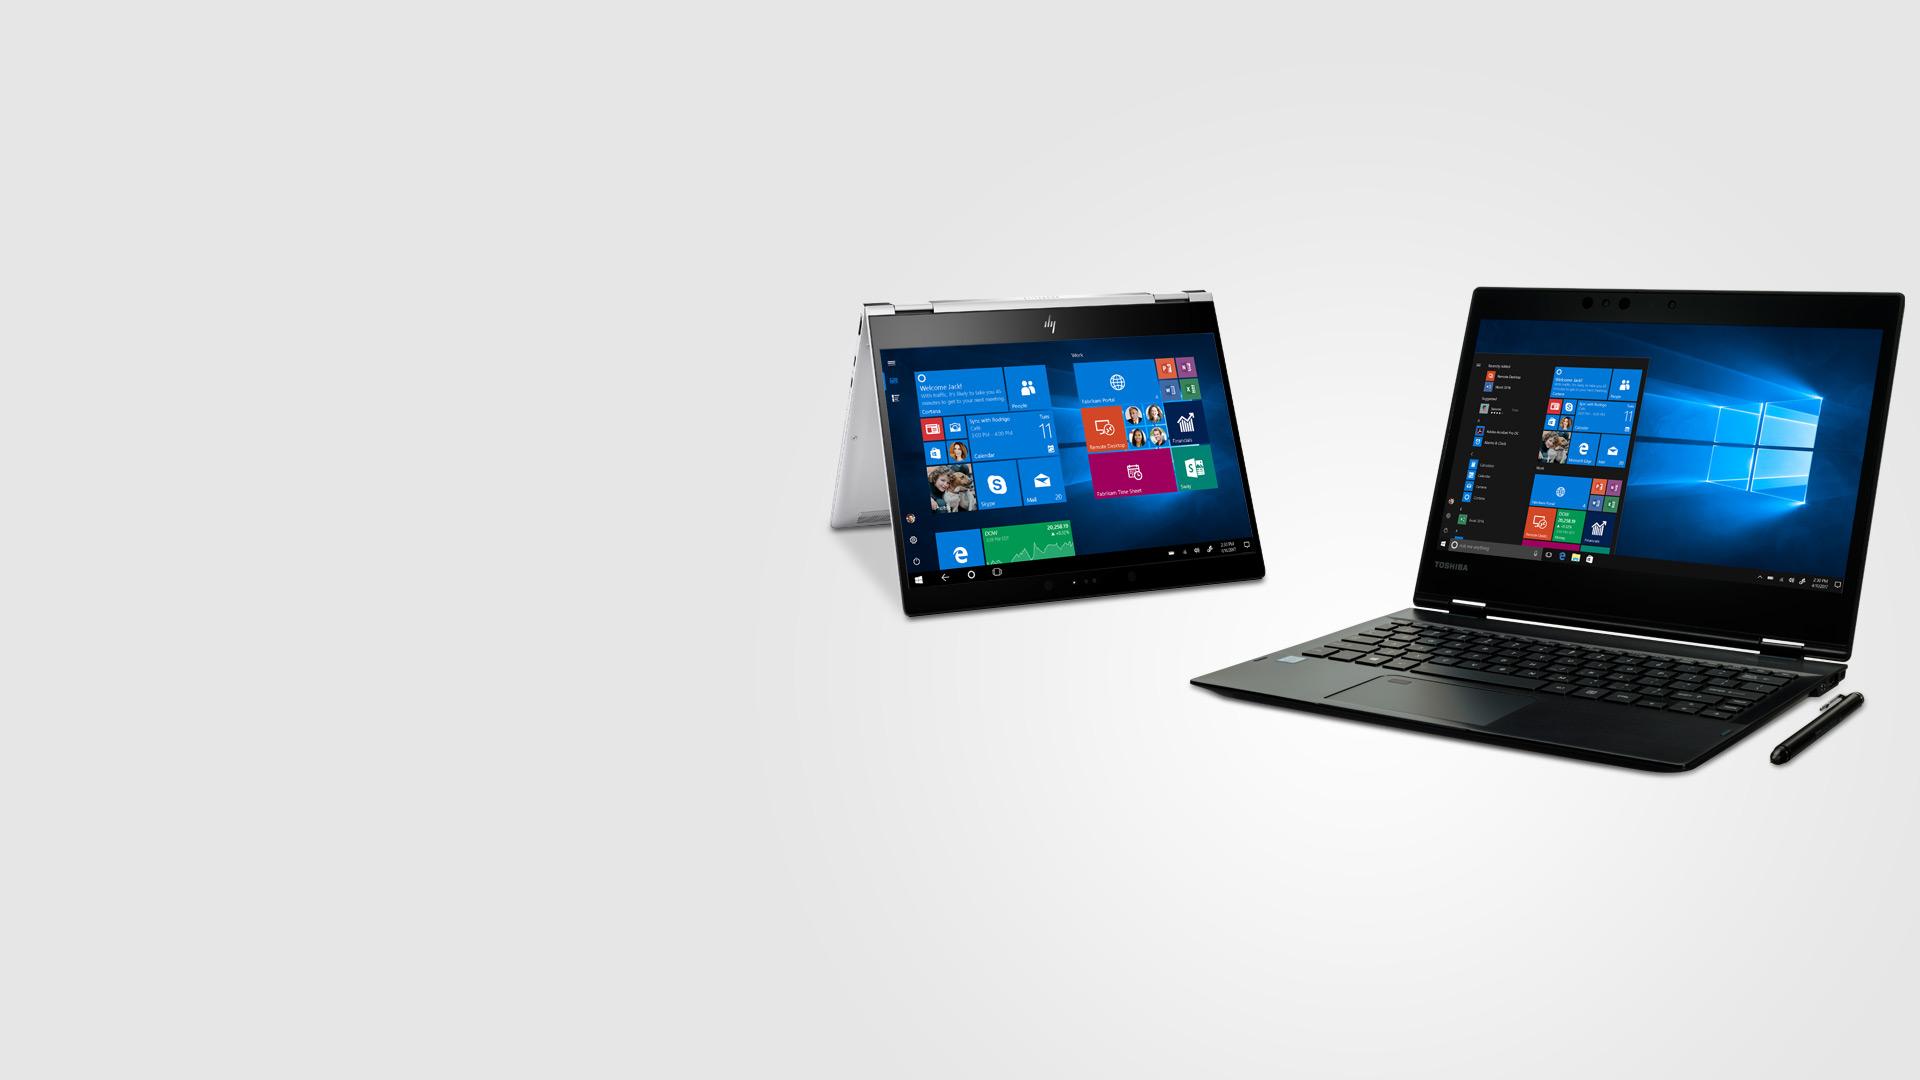 2 portatili Windows 10 Pro in diverse modalità di utilizzo